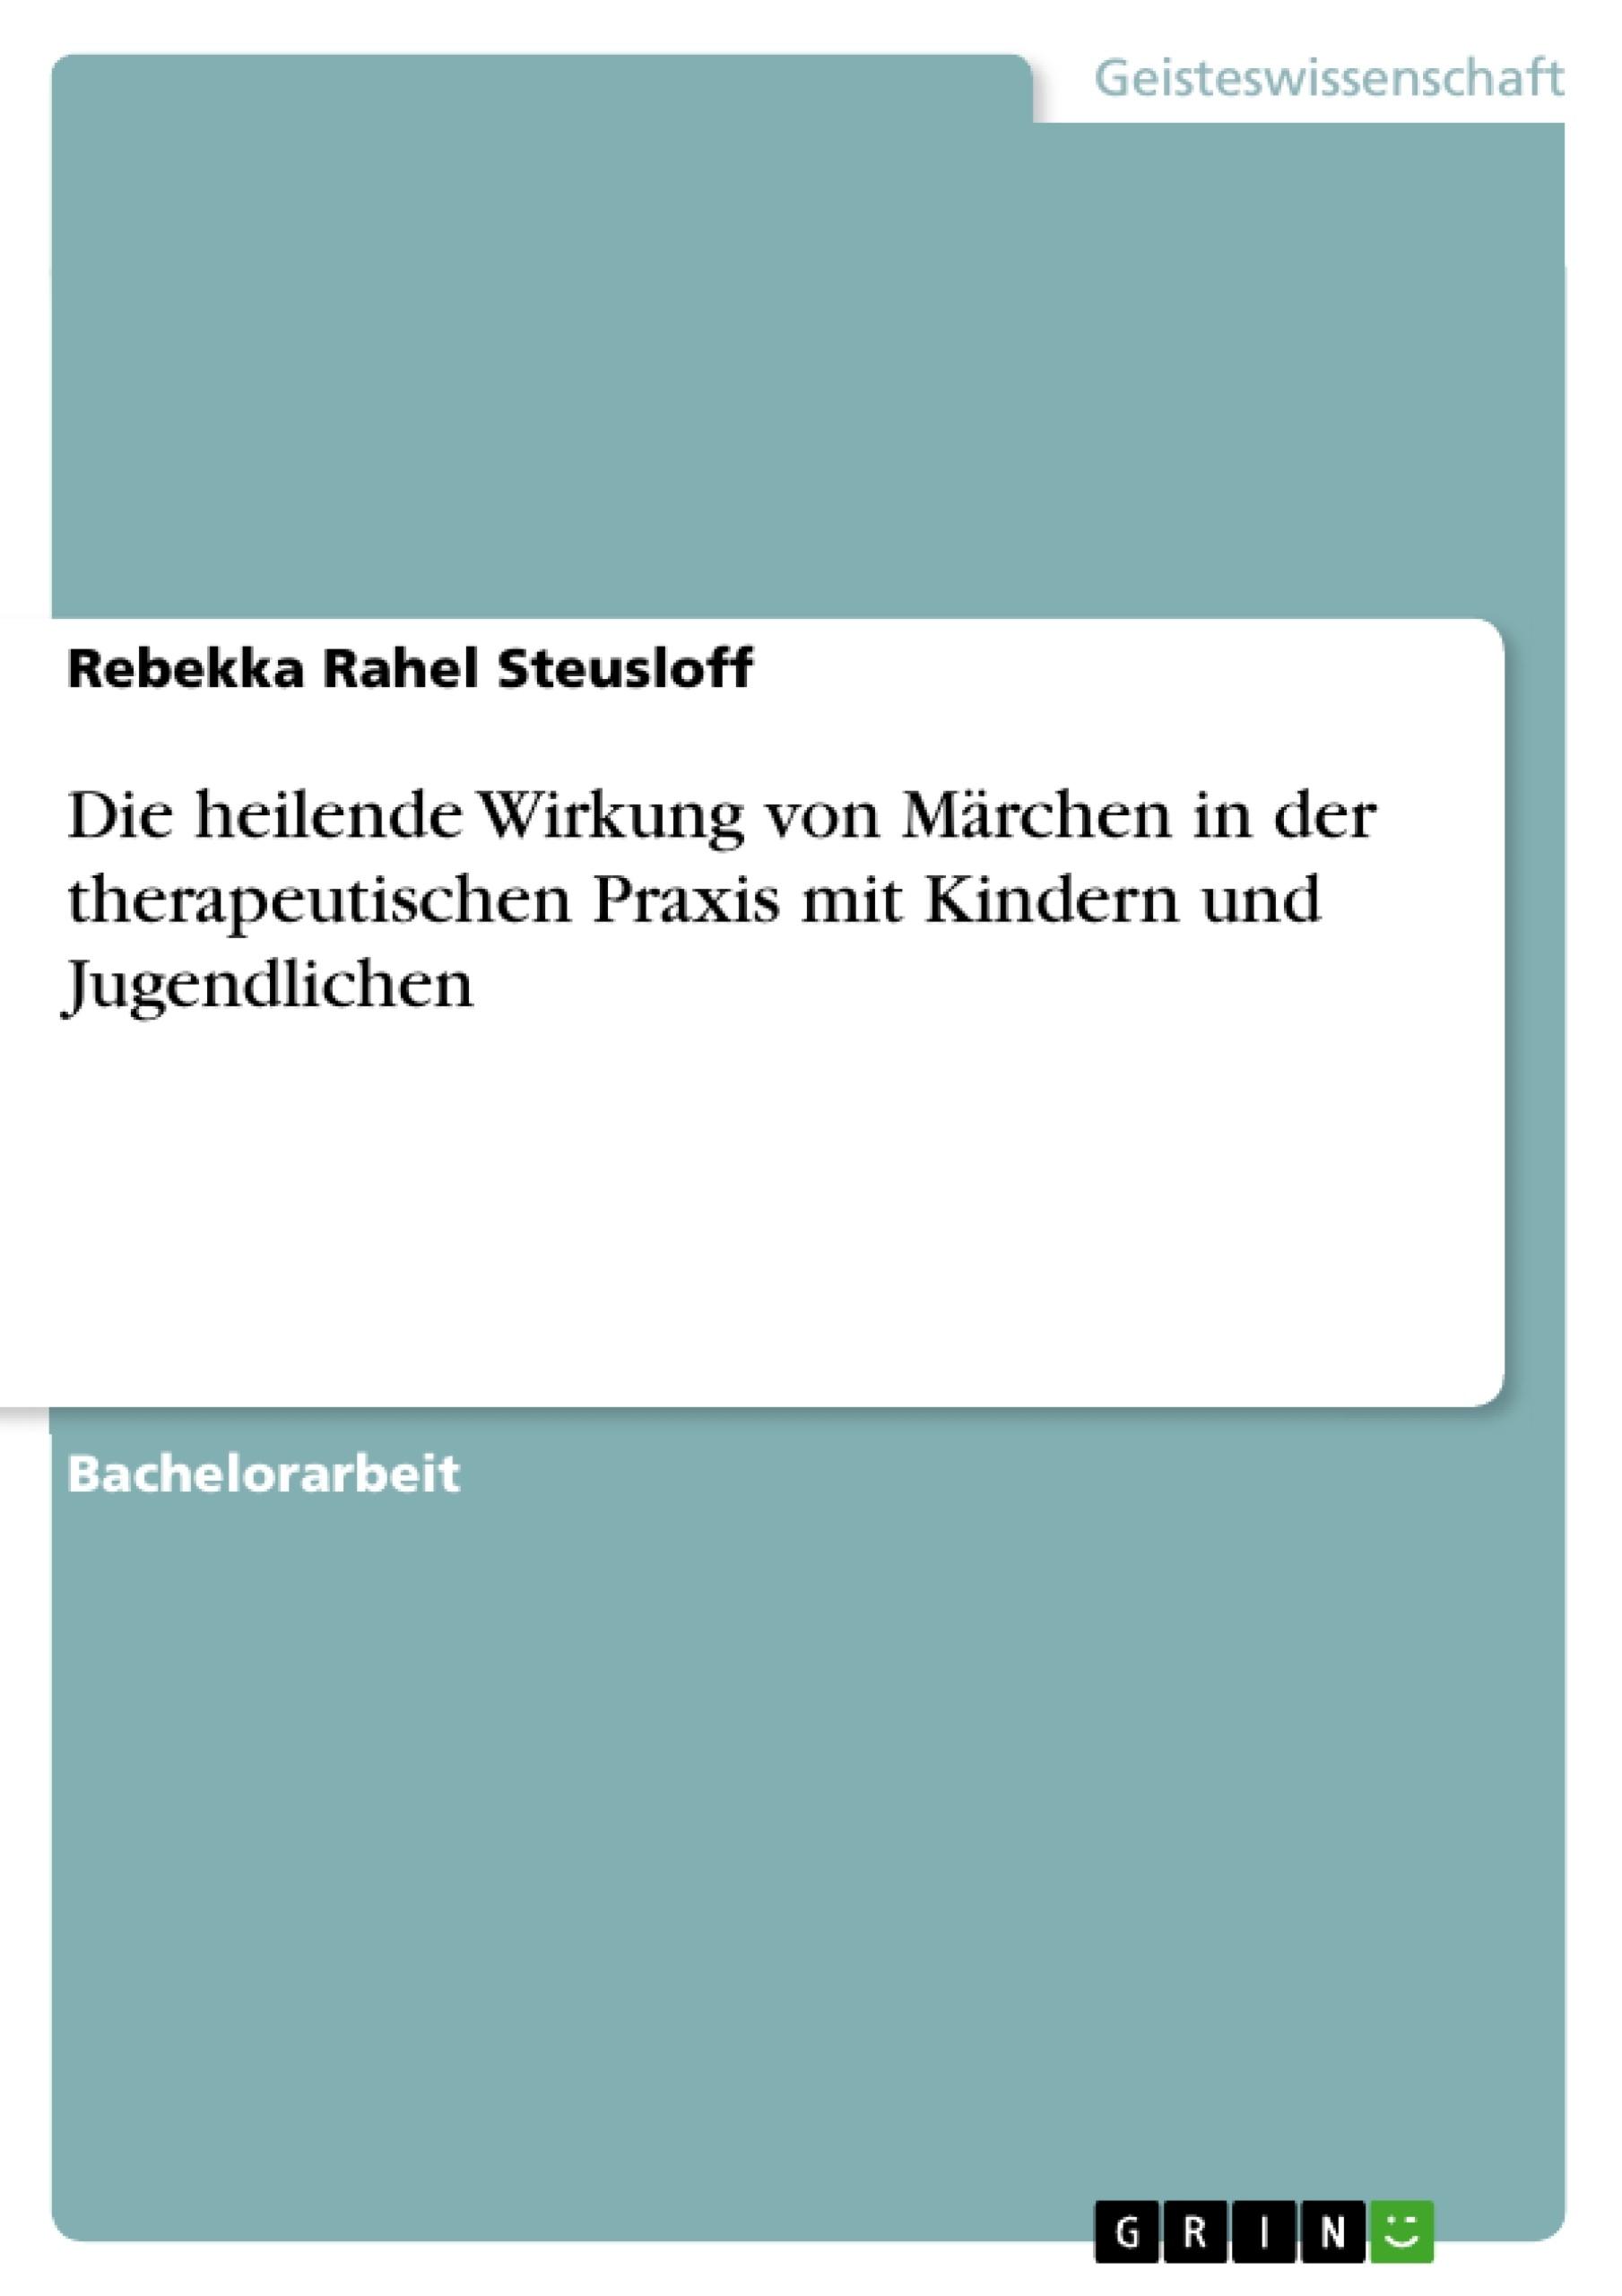 Titel: Die heilende Wirkung von Märchen in der therapeutischen Praxis mit Kindern und Jugendlichen